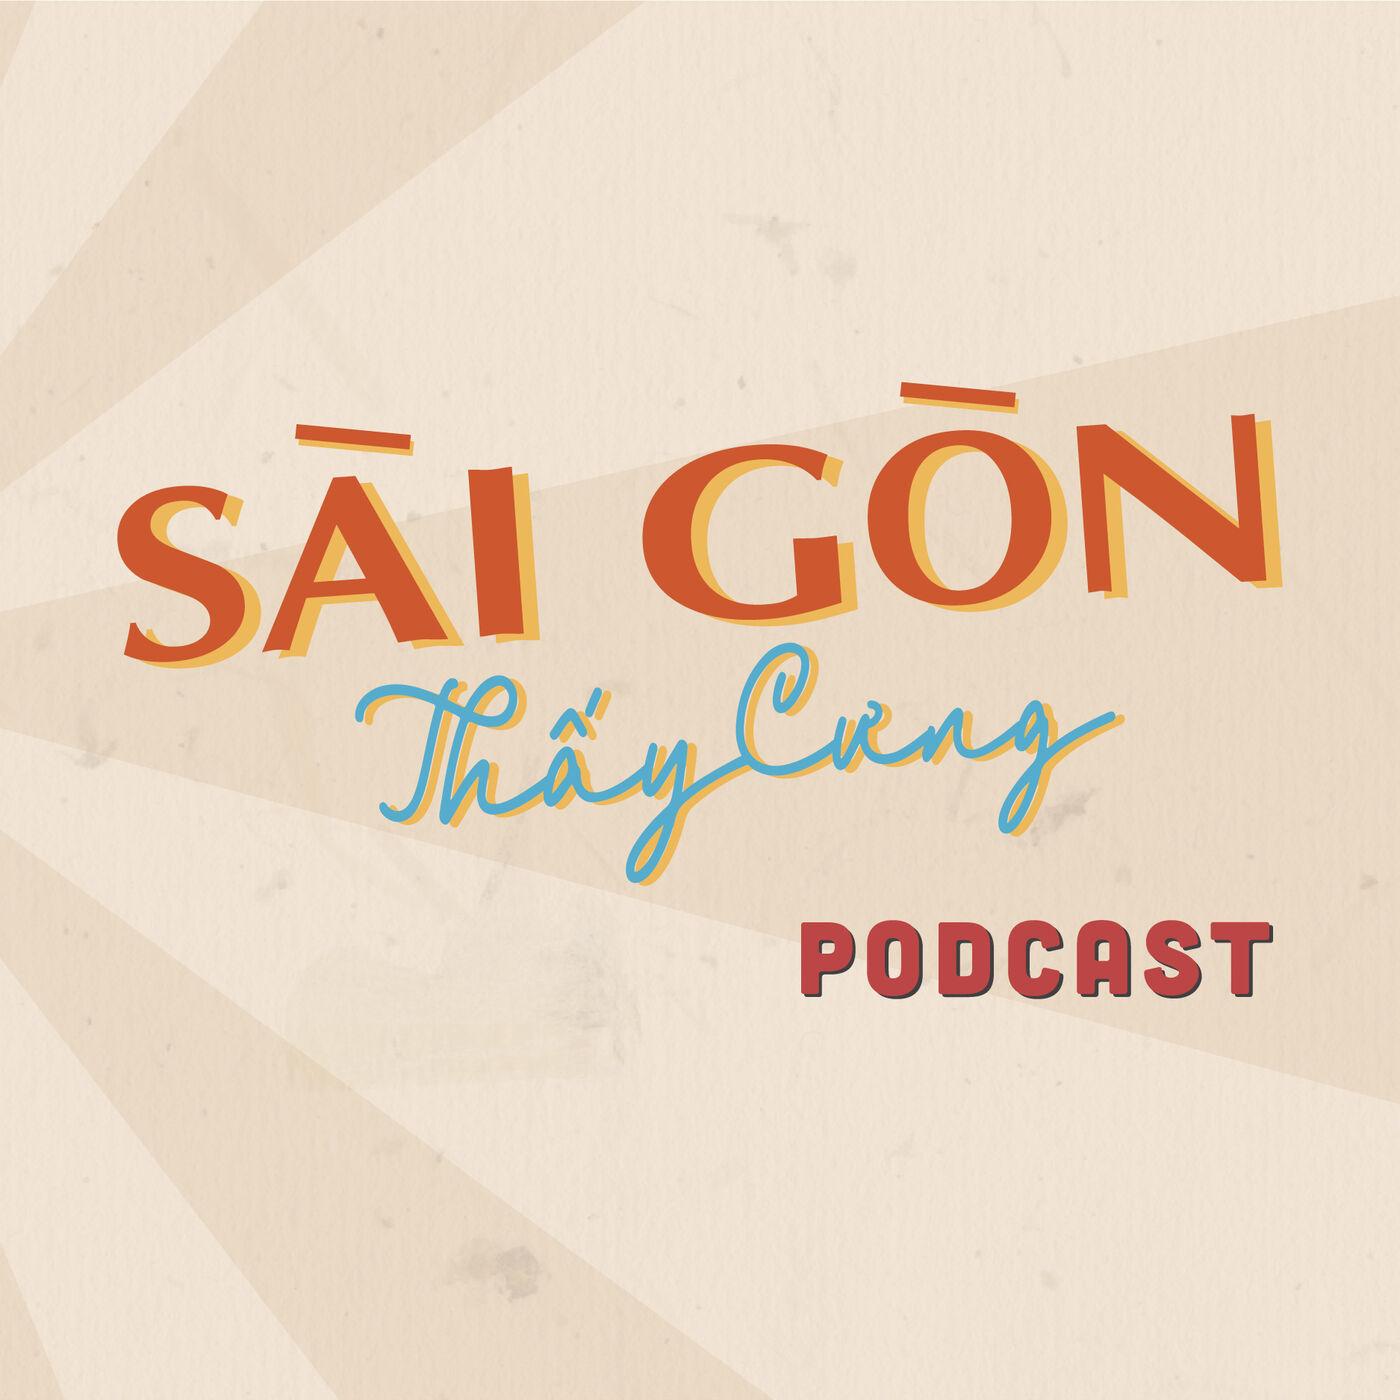 Sài Gòn Thấy Cưng